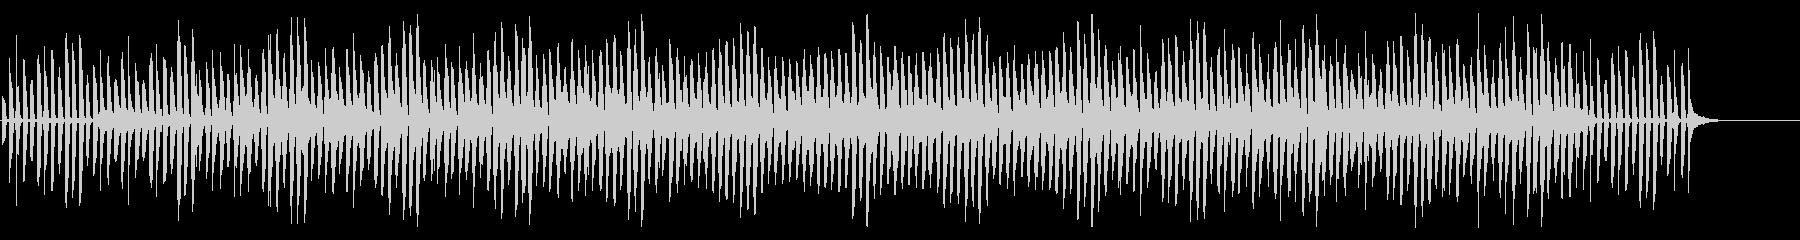 YouTubeかわいい犬猫ペット映像の未再生の波形